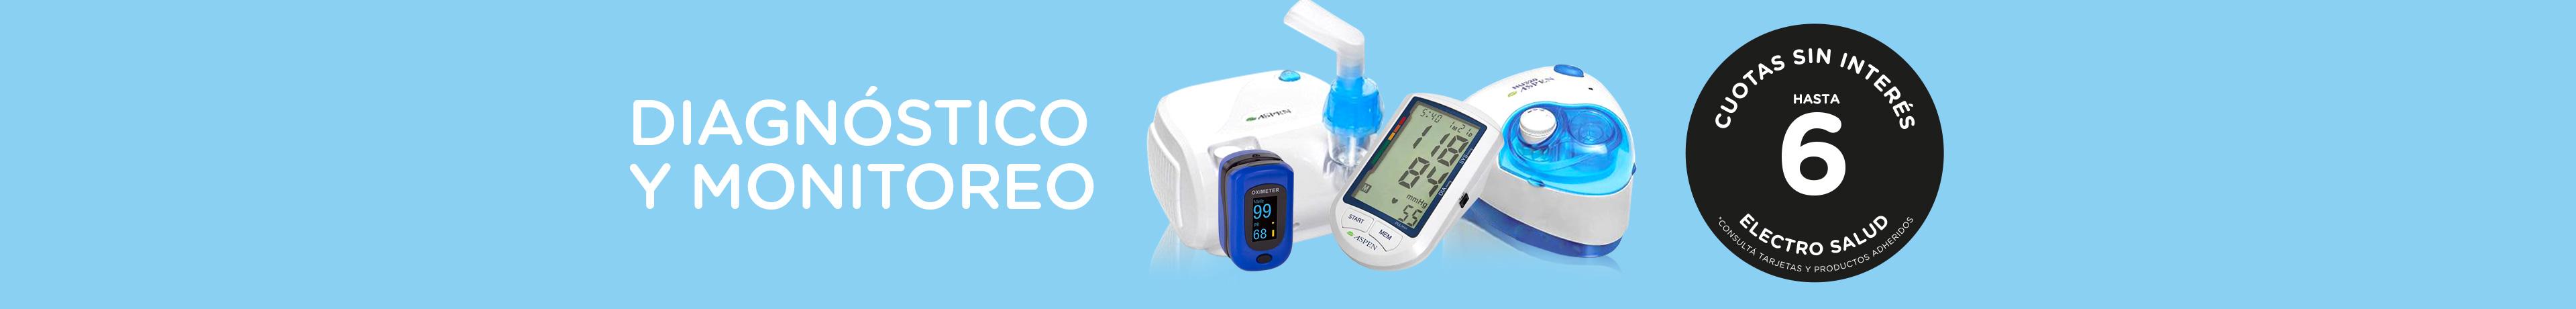 diagnostico-y-monitoreo